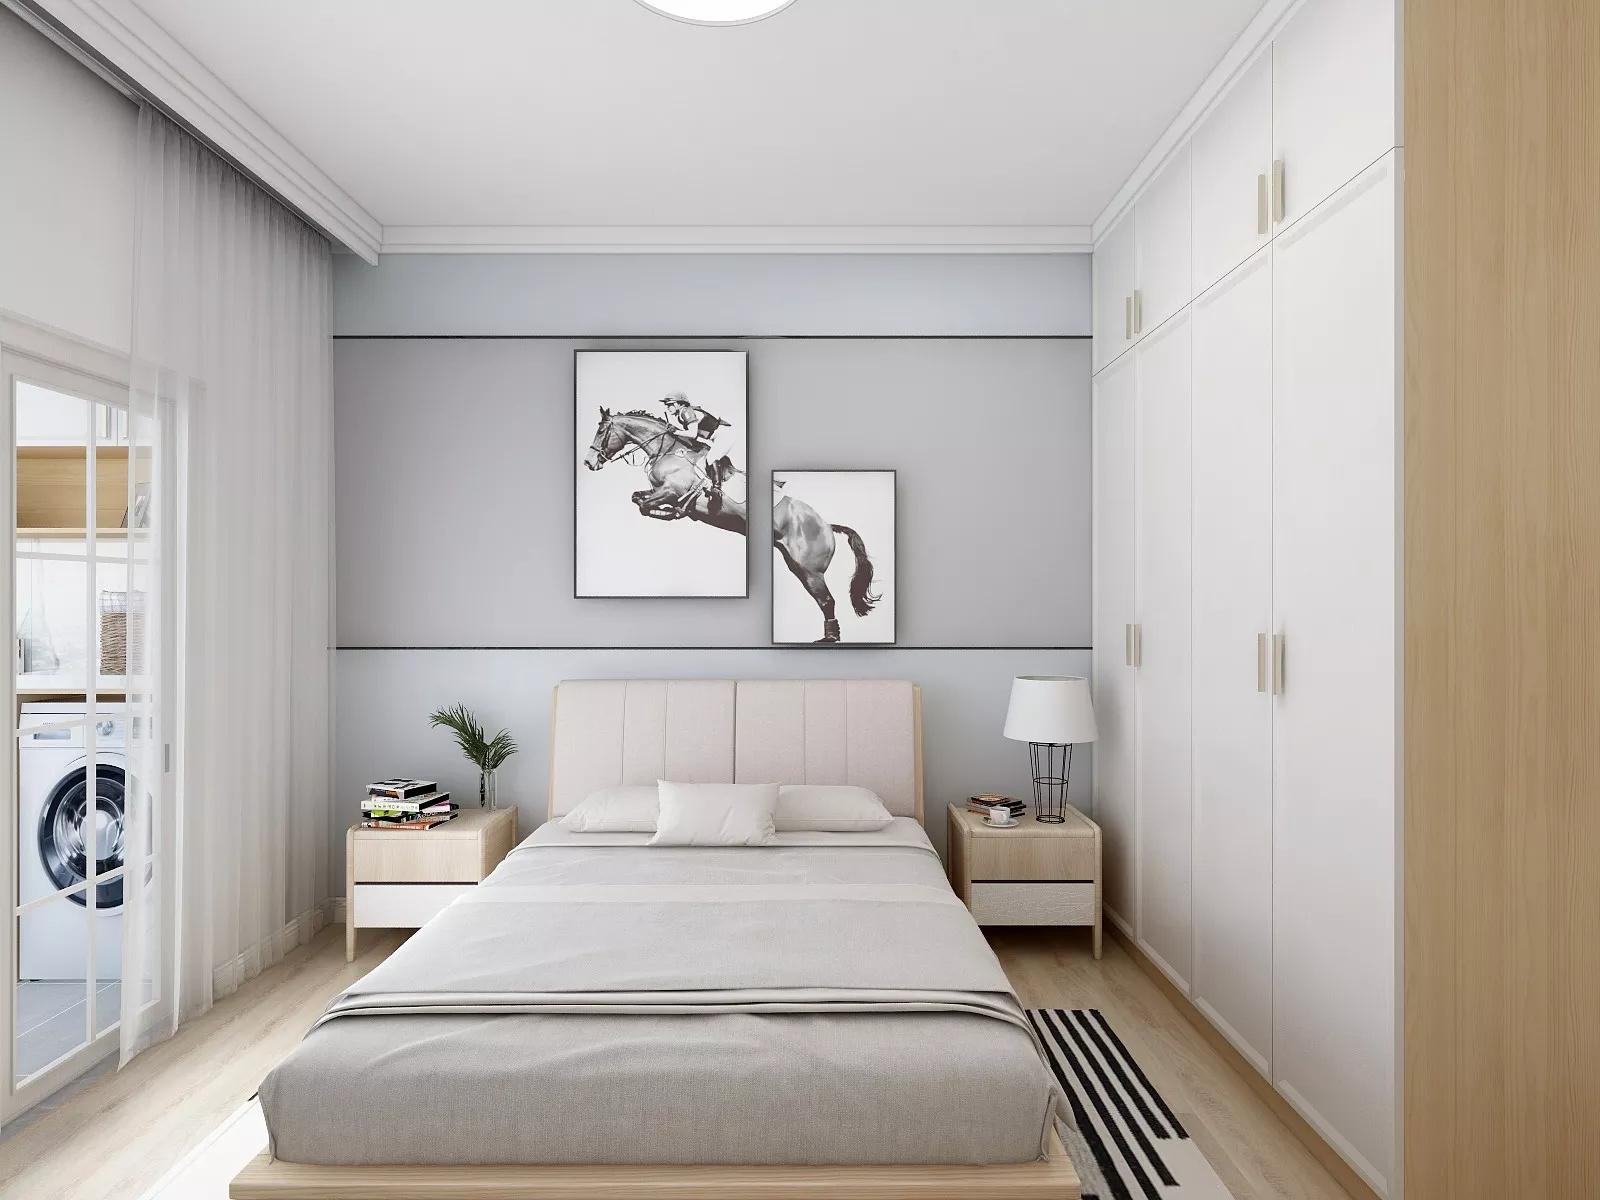 韩式家具的风格特点有哪些